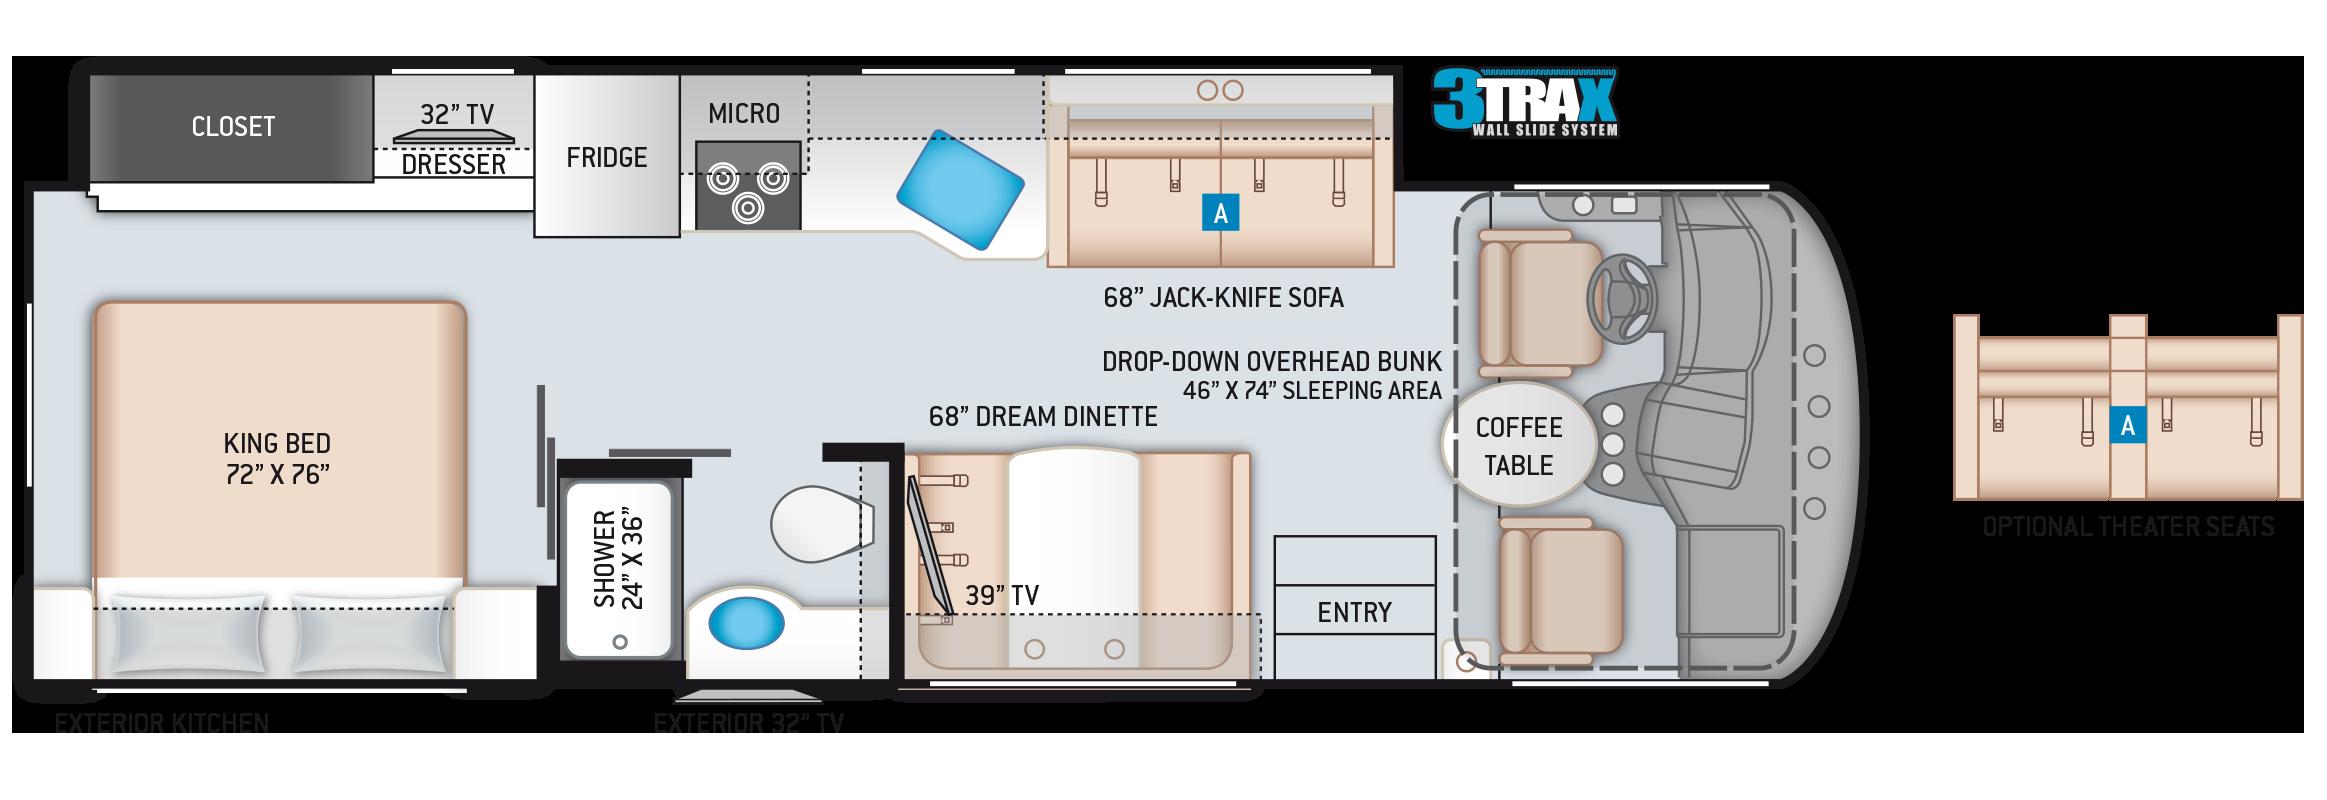 A.C.E. Class A Motorhome 29.5 Floor Plan